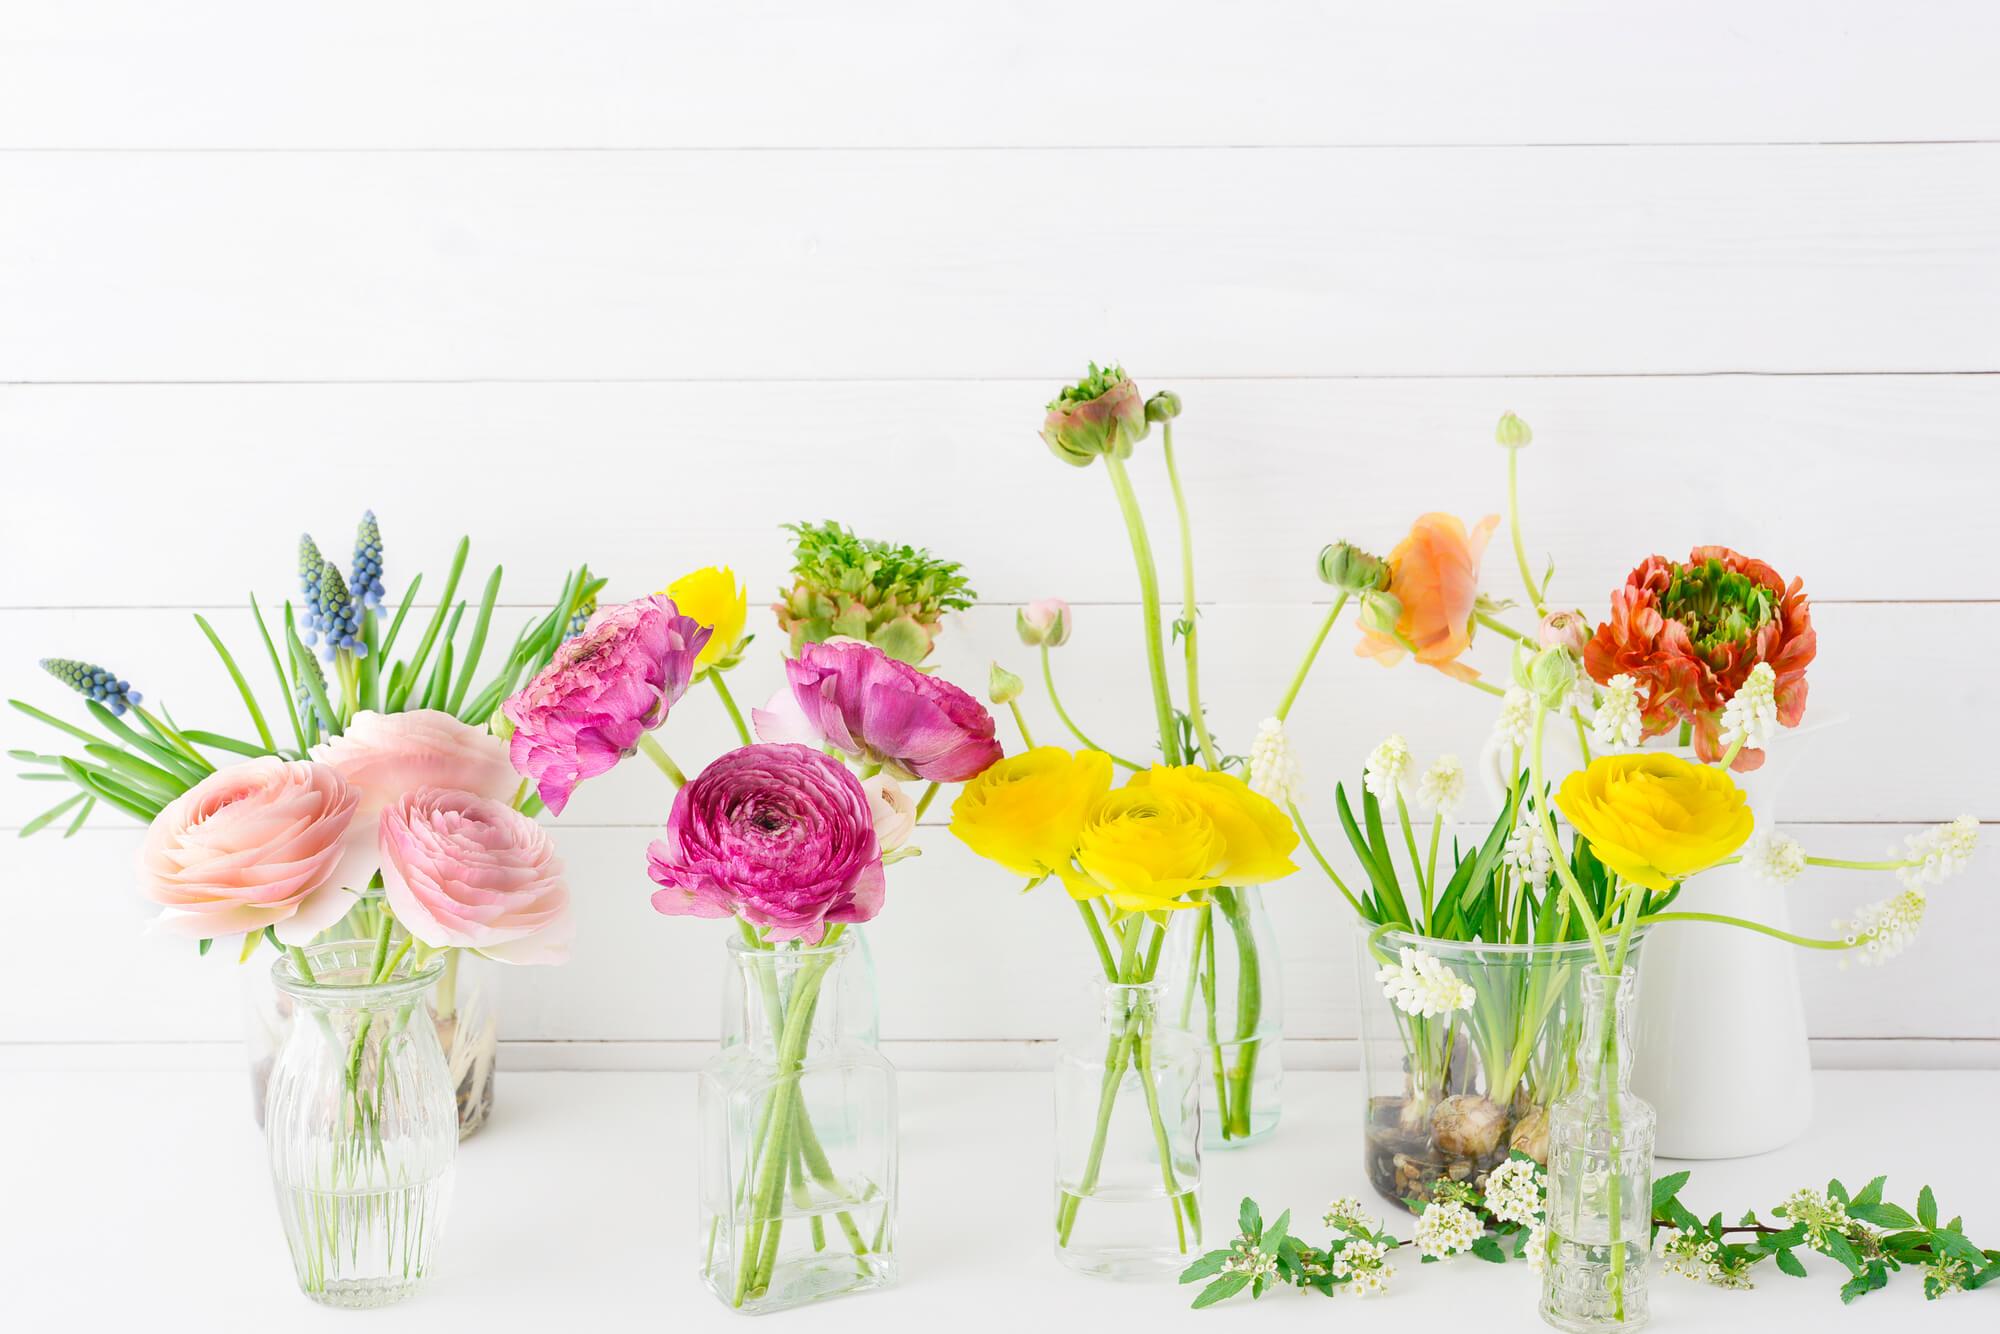 切り花の水揚げに!花を長持ちさせるエタノールの活用術